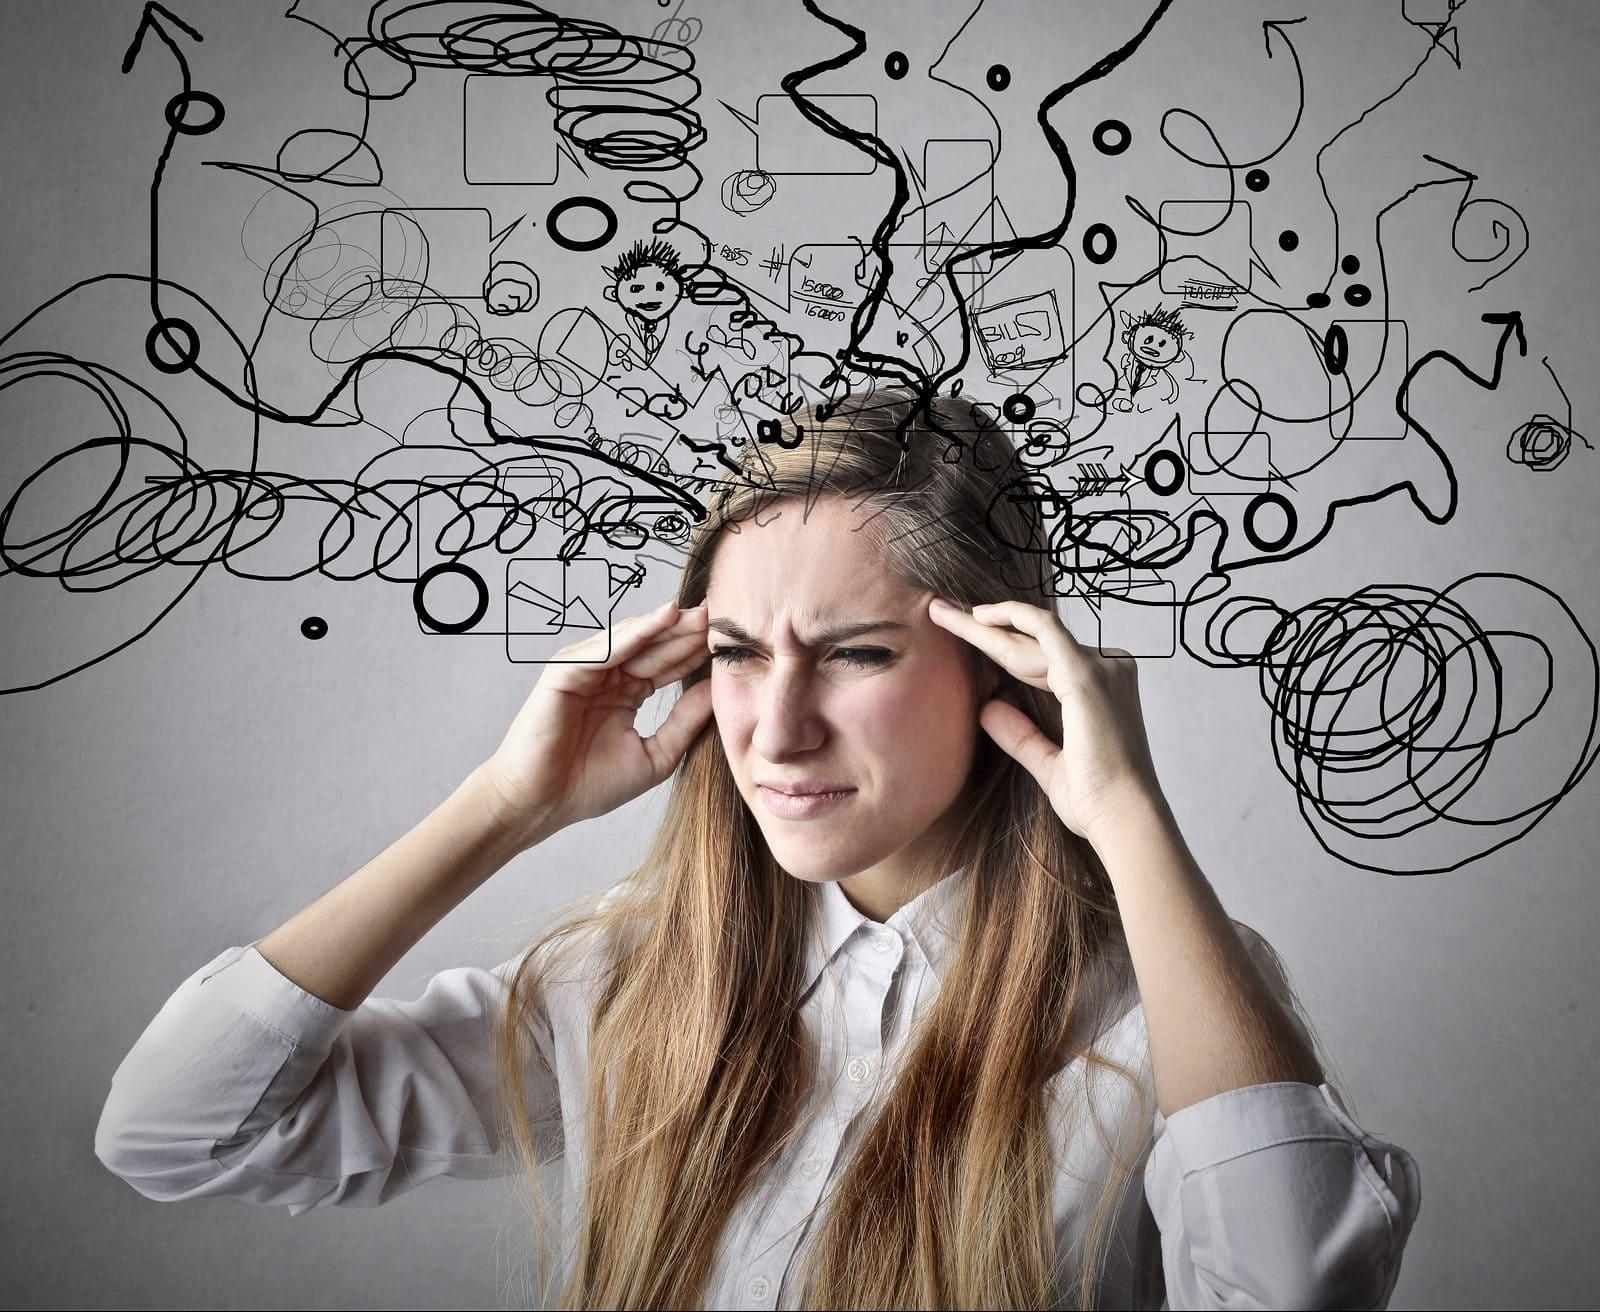 Импульсивность: поведение, эмоции, личности, уровни, у подростков, детей, в психологии, повышенная, причины, признаки, коррекция, проявления